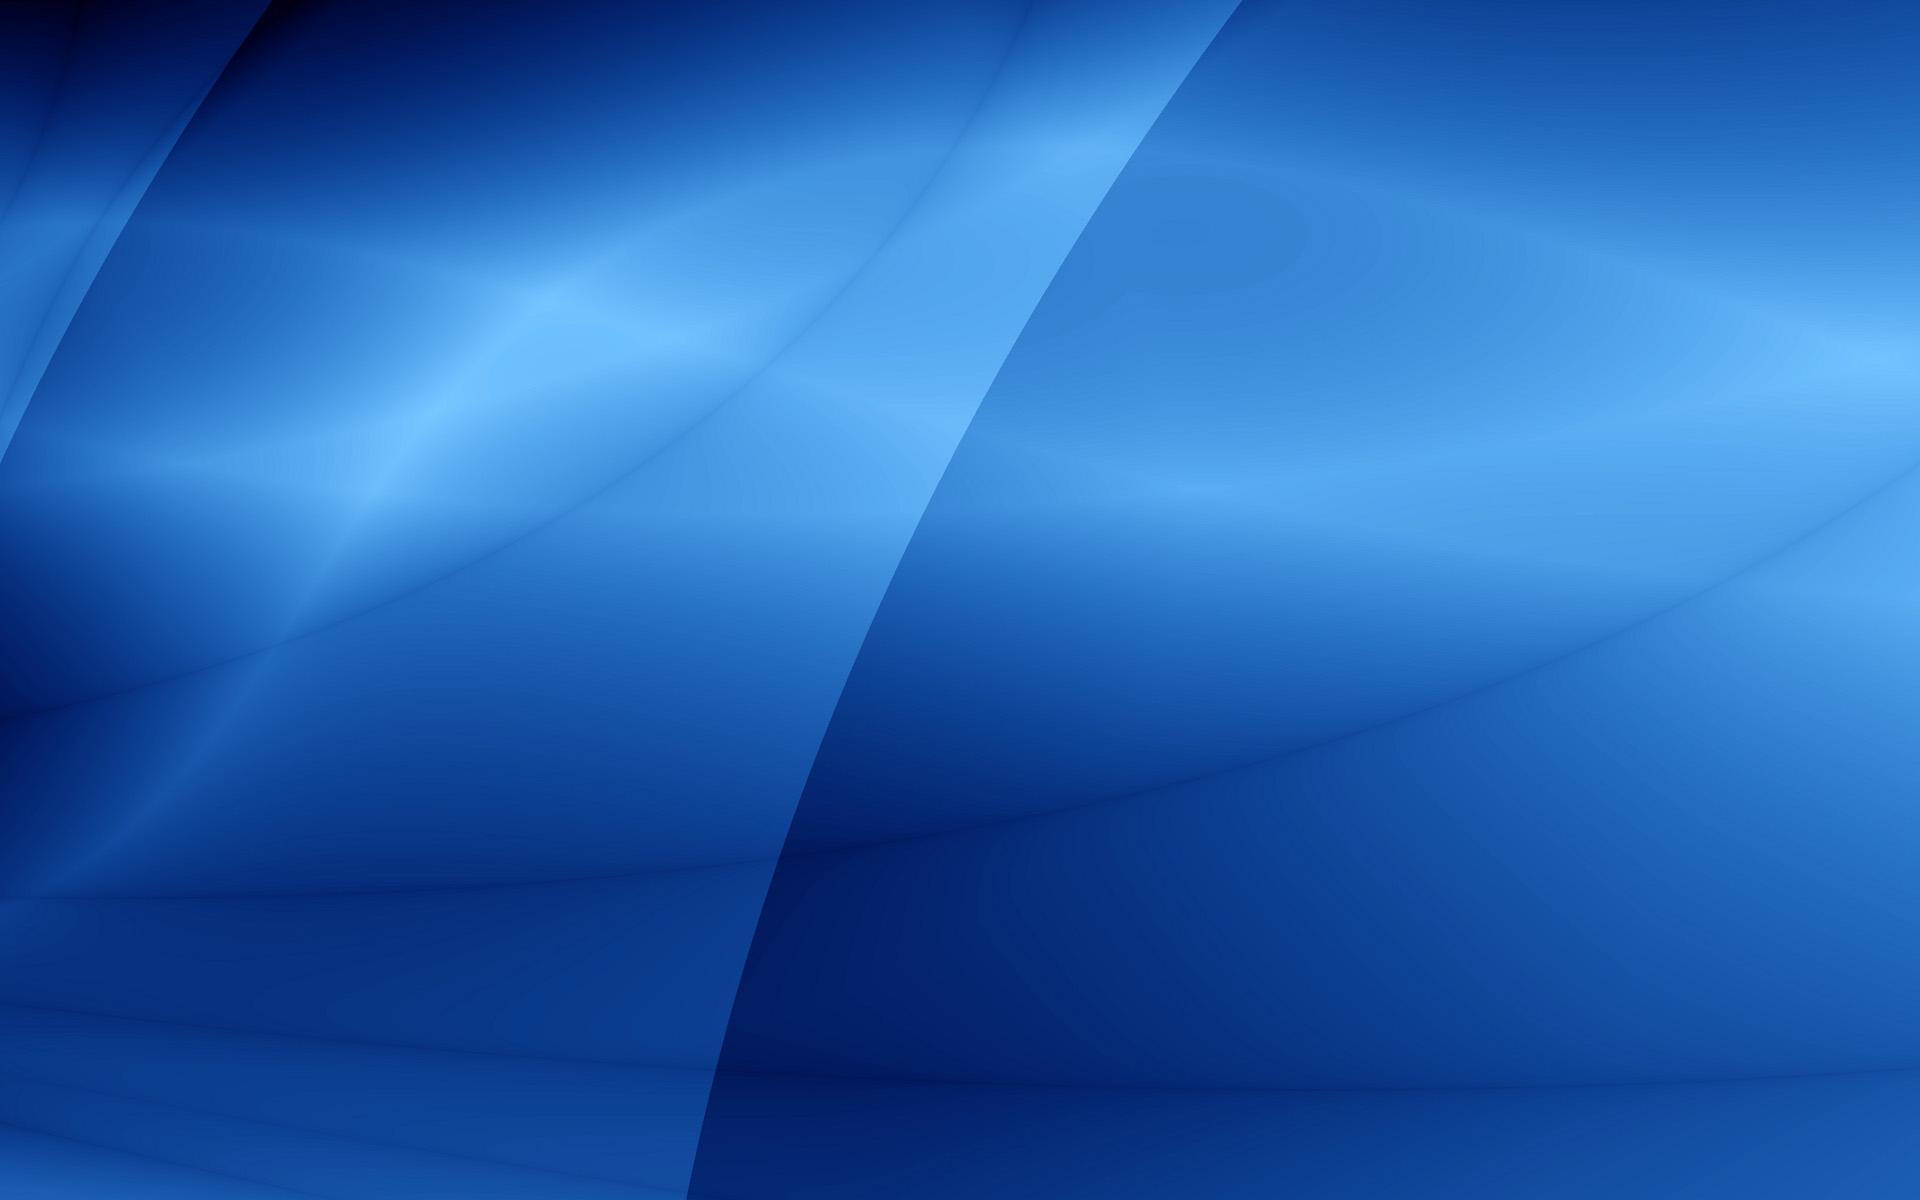 蓝色魅力背景设计-桌面壁纸-素材中国-online.sccnn.